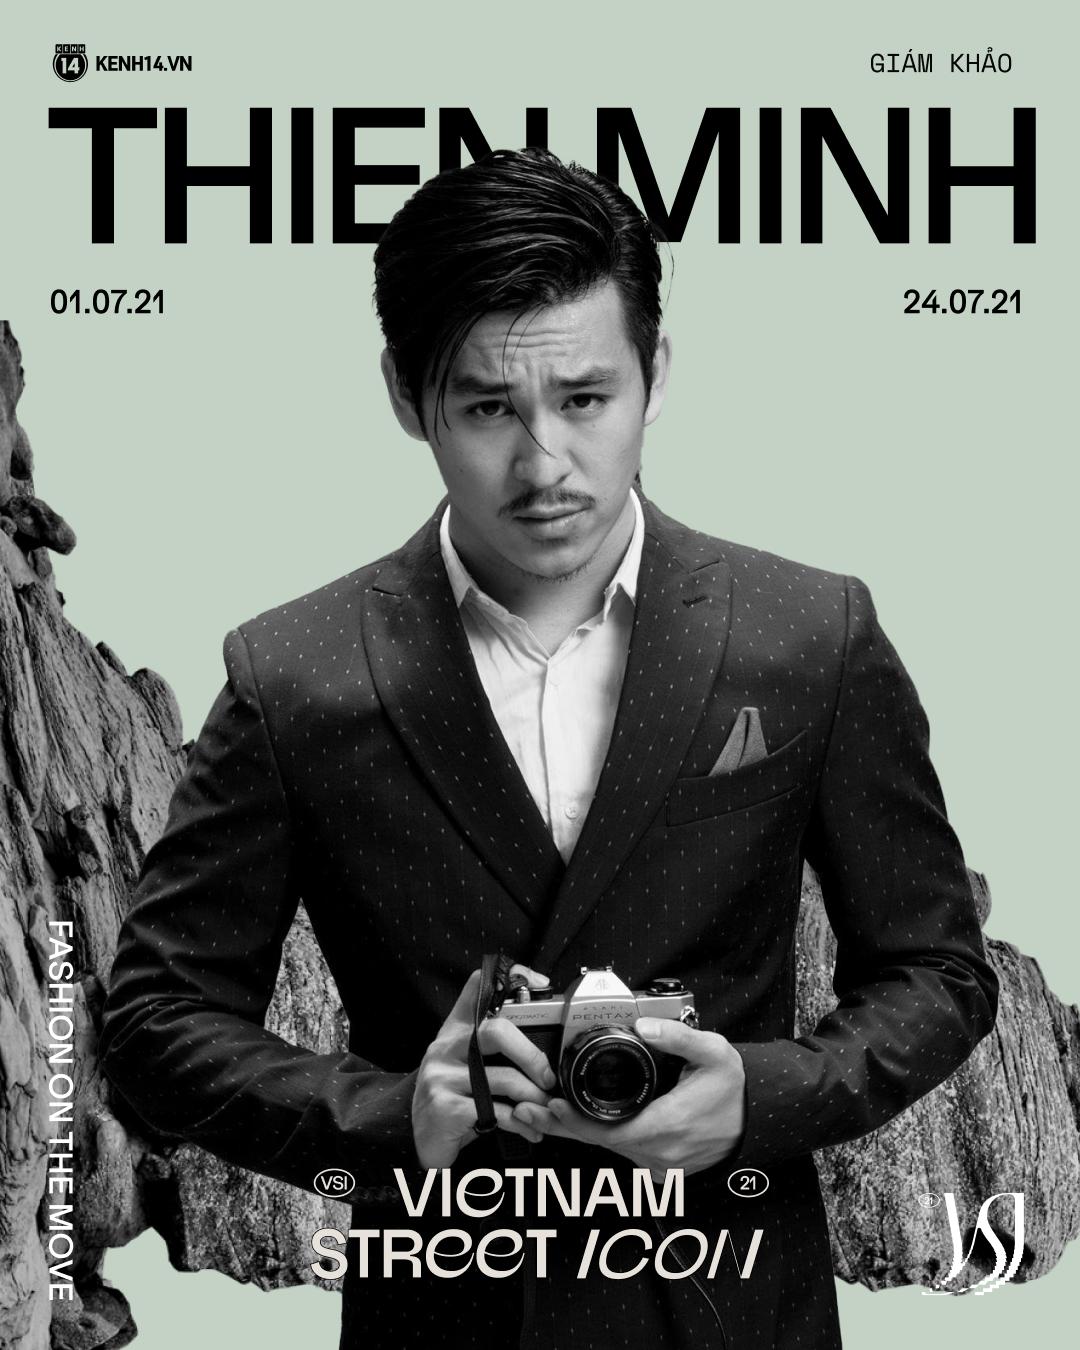 Hé lộ BGK của Vietnam Street Icon: Bên cạnh Châu Bùi và Thiên Minh còn là 1 chủ shop local brand khét lẹt đất Hà thành - Ảnh 4.